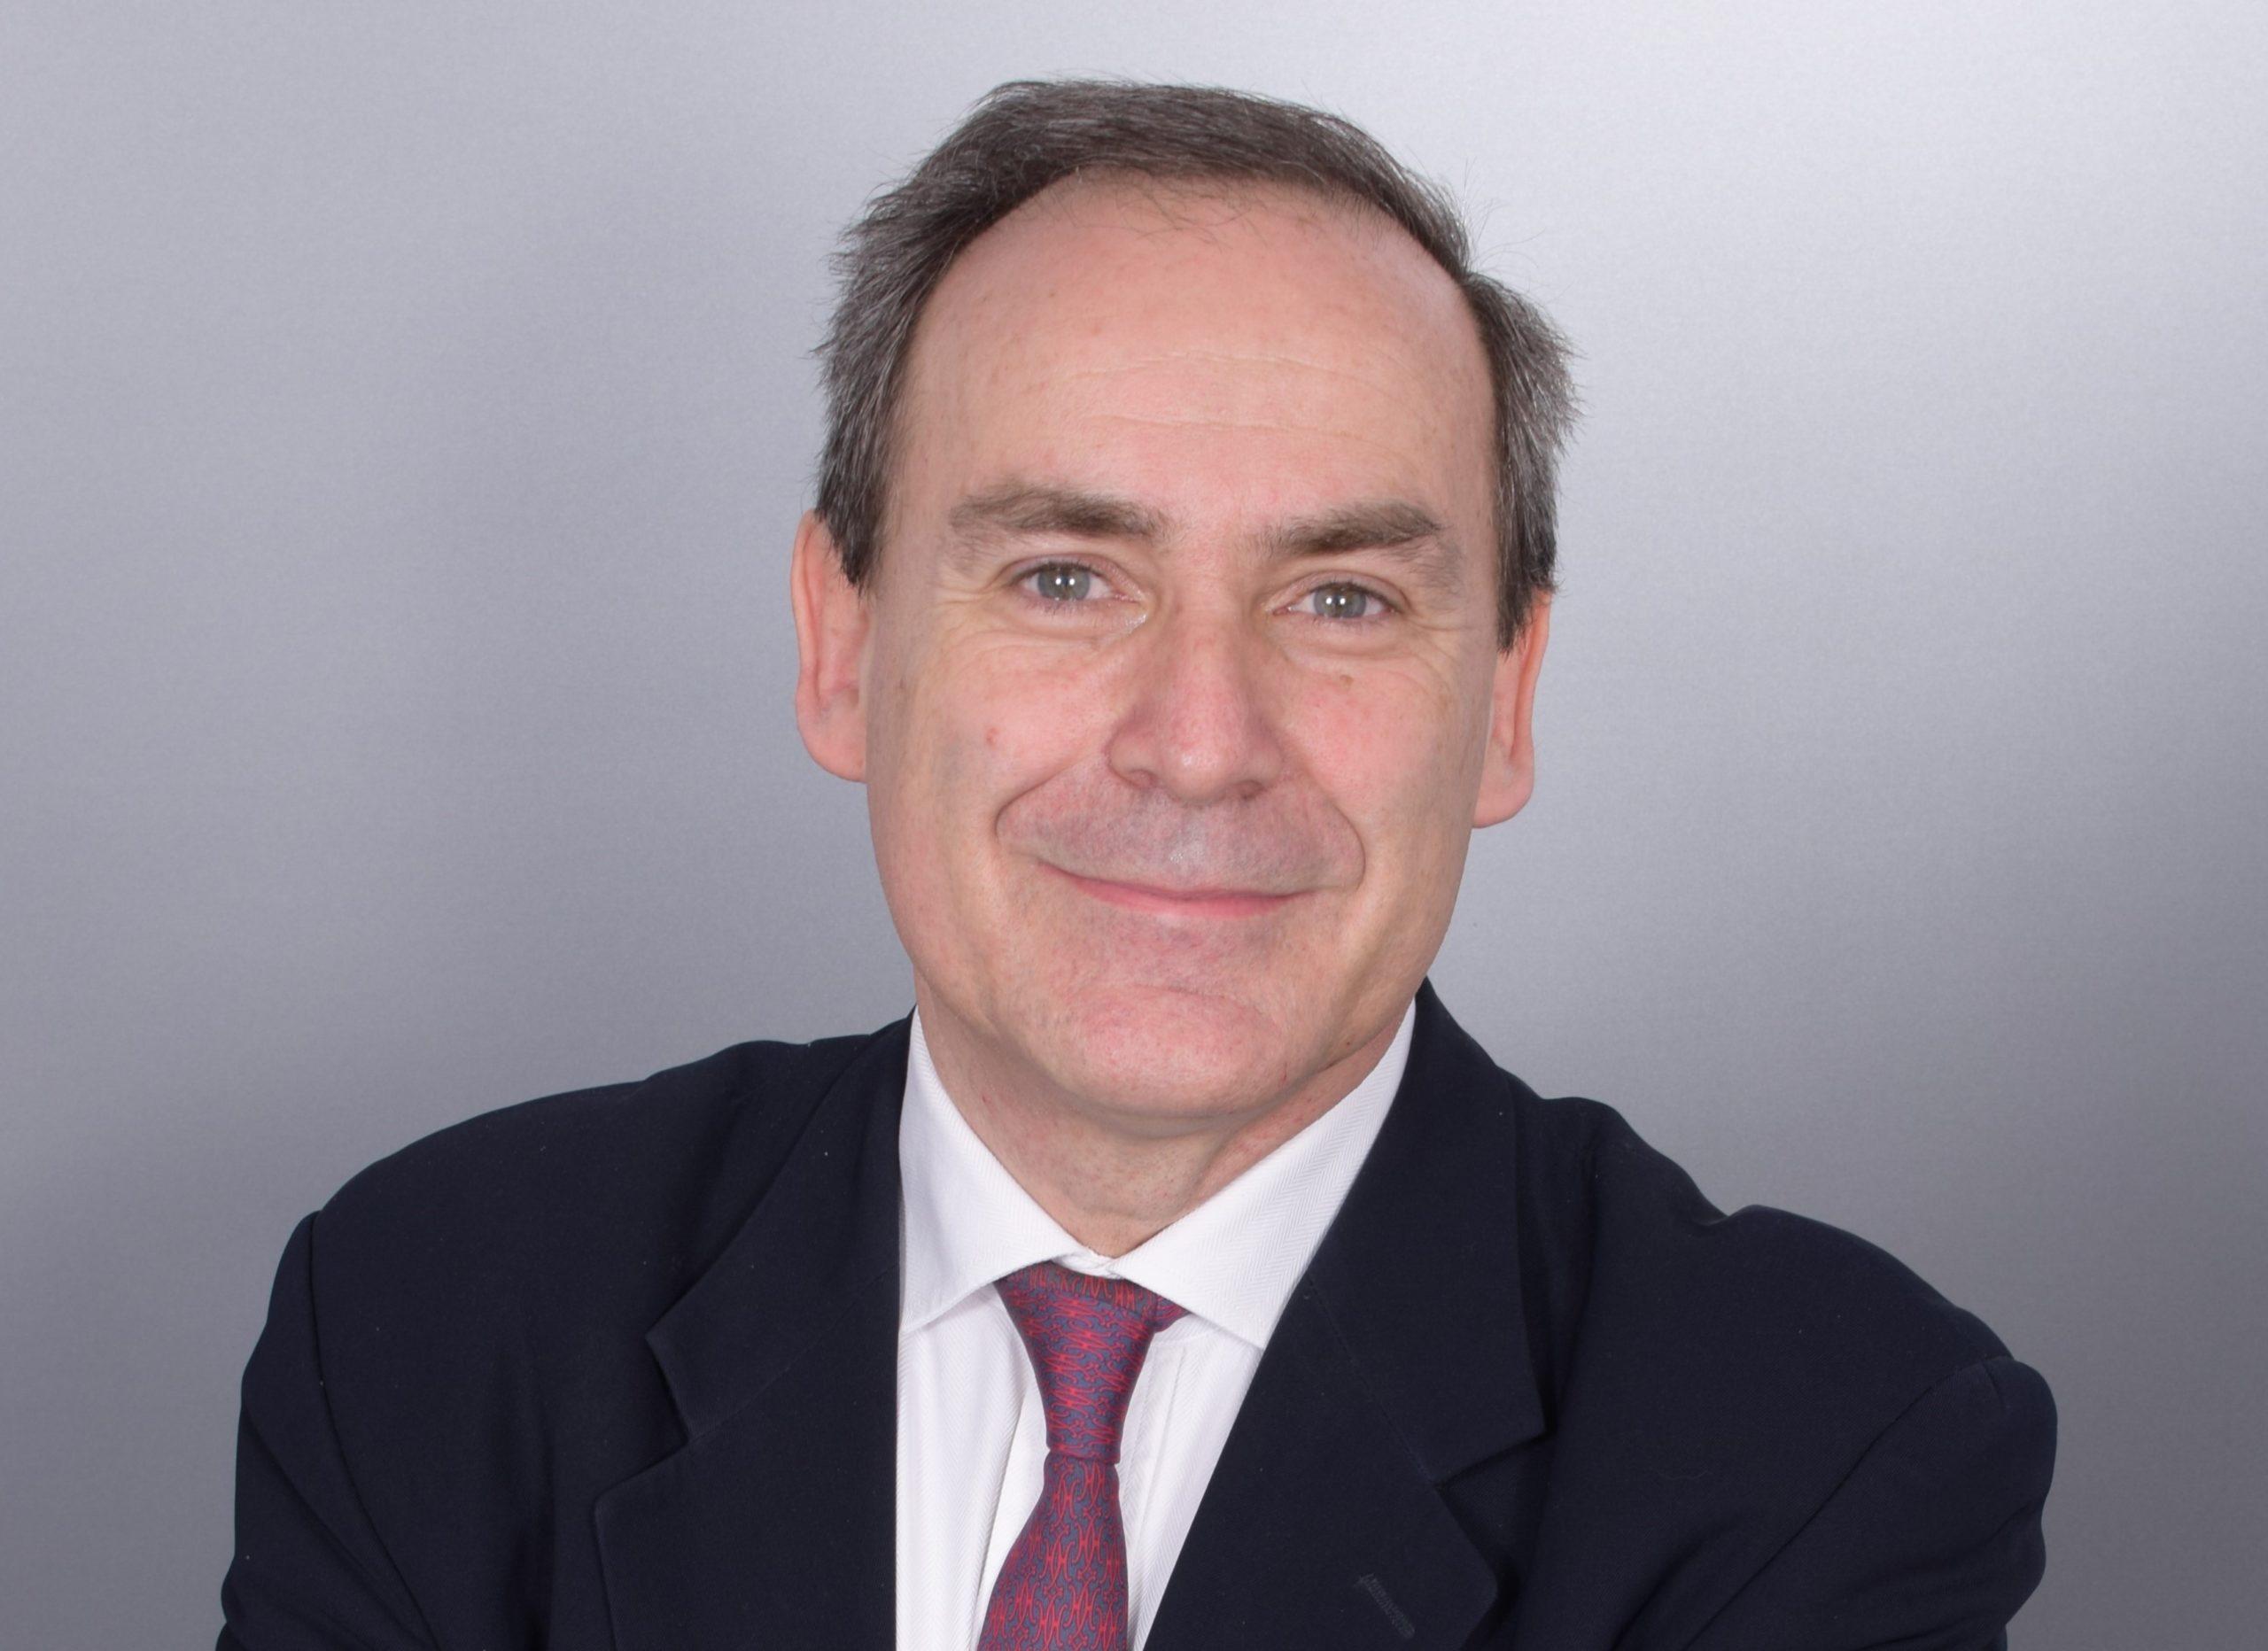 Didier Roux-Dessarps Rejoint Idex Pour Développer L'activité Des Utilités Industrielles Et Des Services énergétiques Aux Grands Comptes